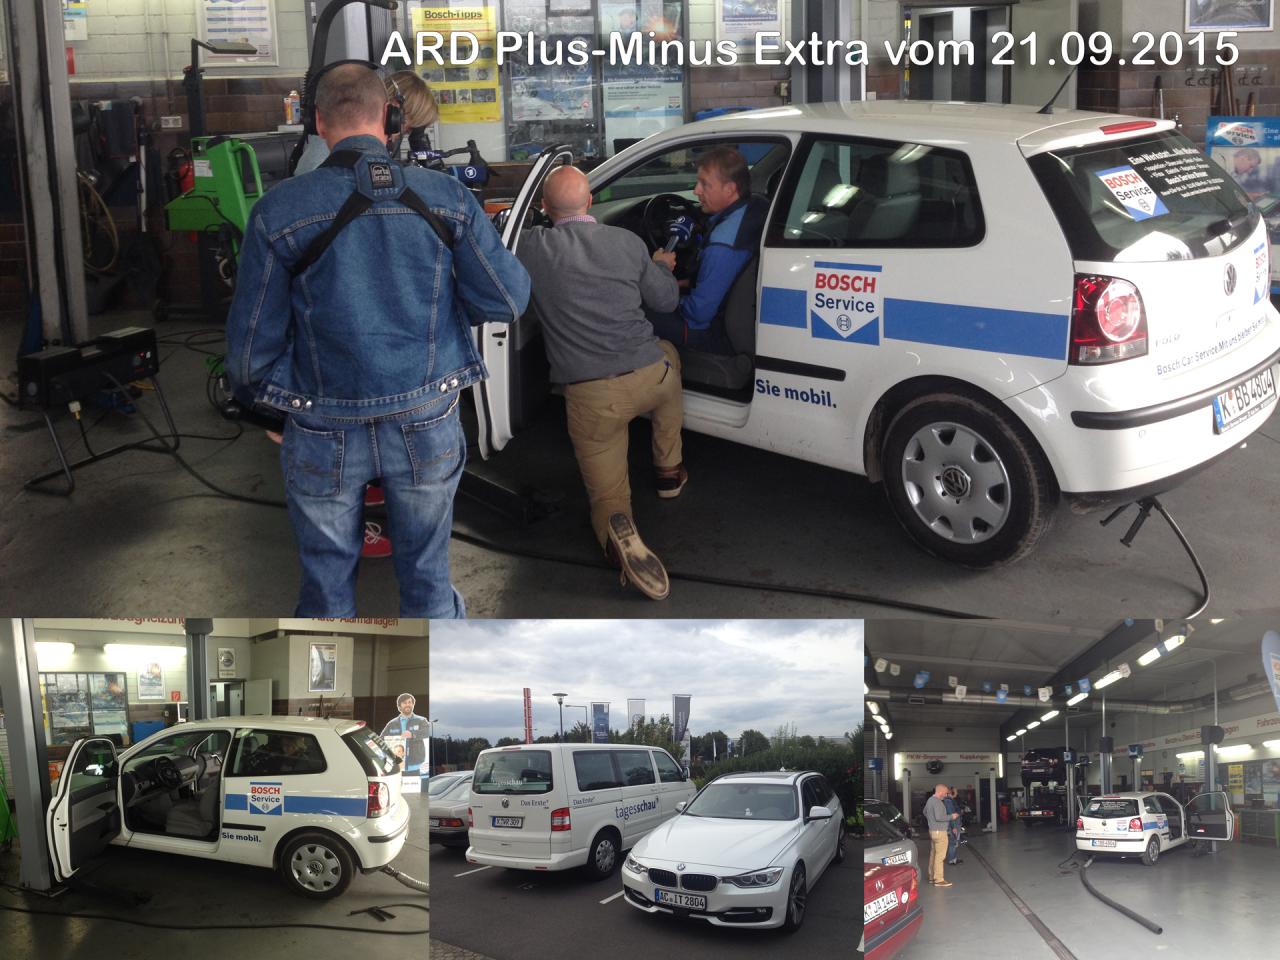 Zwei auf einen Streich - Berichterstattung in ARD und MDR vom 21.09.2015